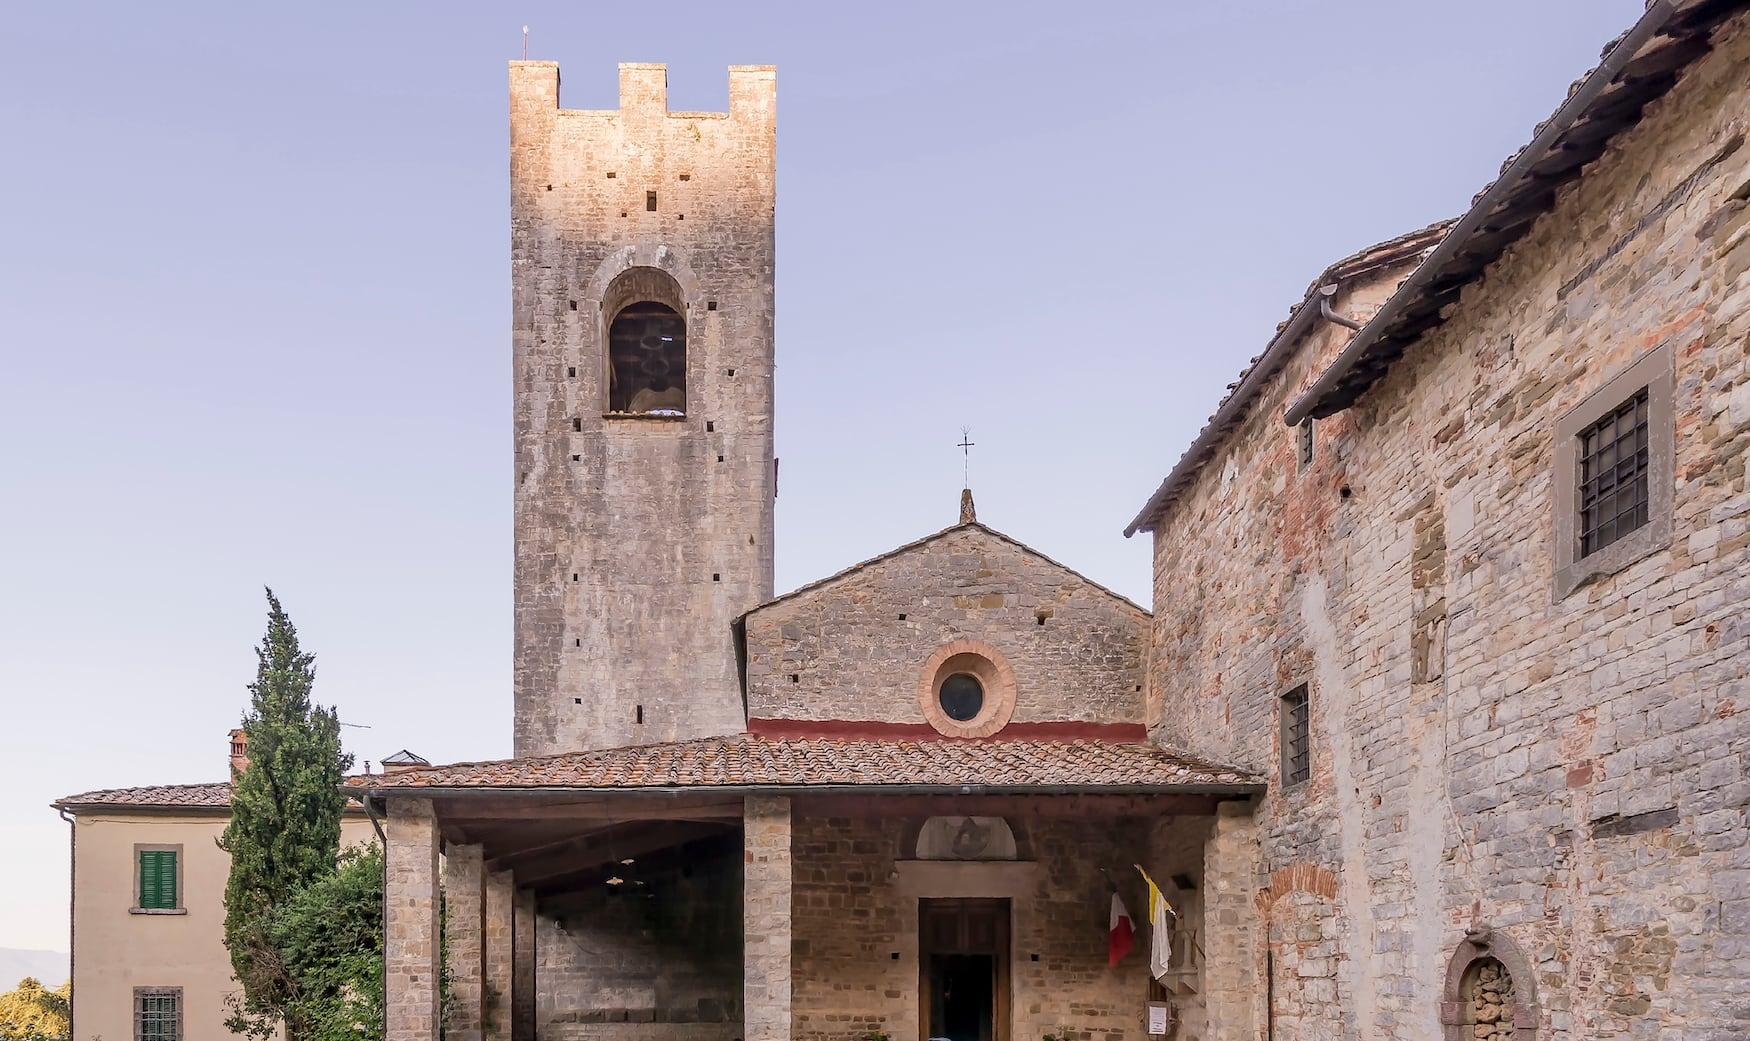 Die wunderschöne Abtei San Lorenzo in Coltibuono mit der untergehenden Sonne im Hintergrund